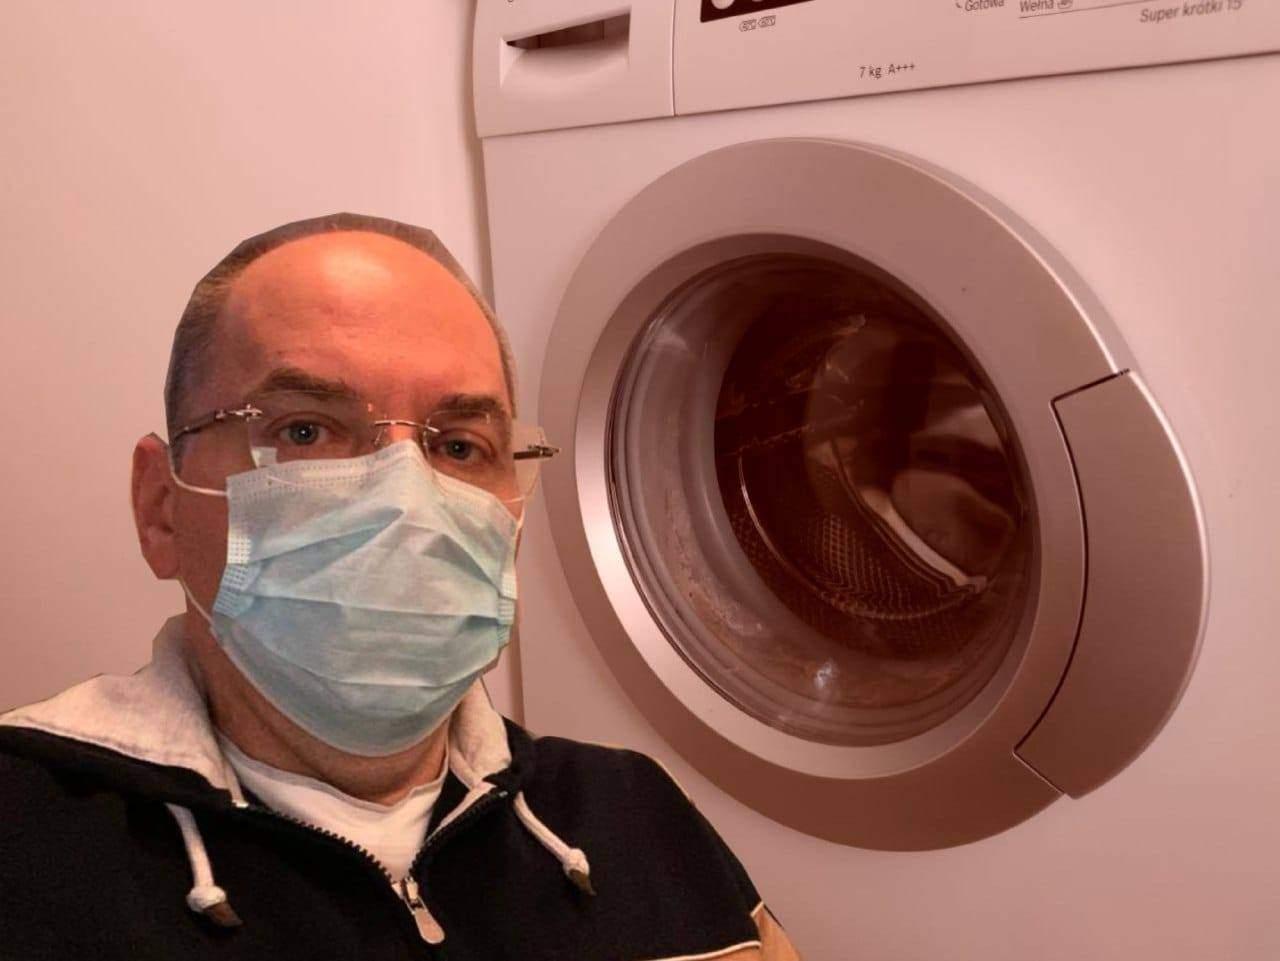 Степанов і пральна машинка